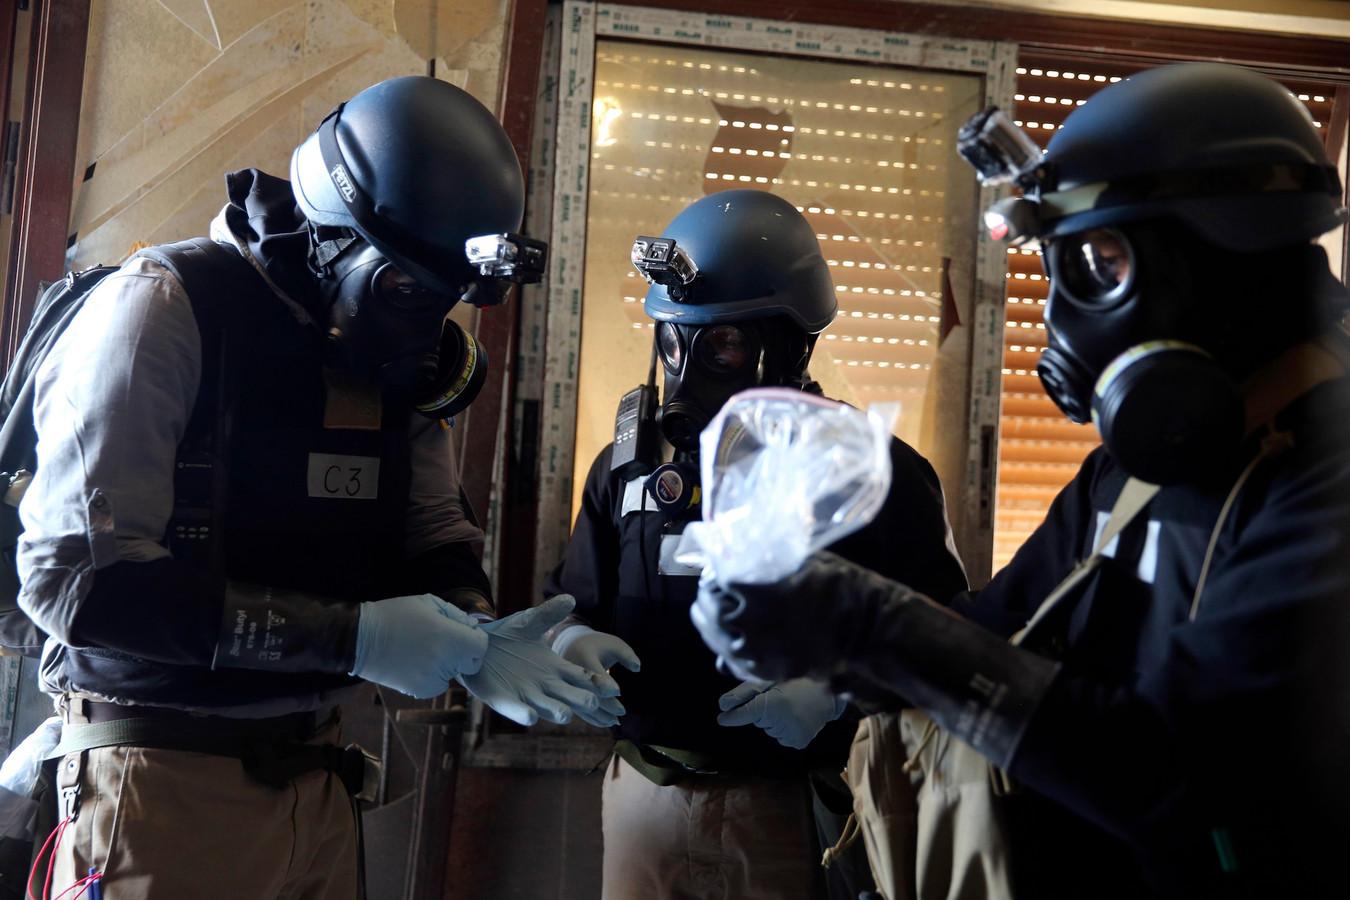 Experts in beschermende pakken verwijderden het middel uit de woning. Foto ter illustratie.